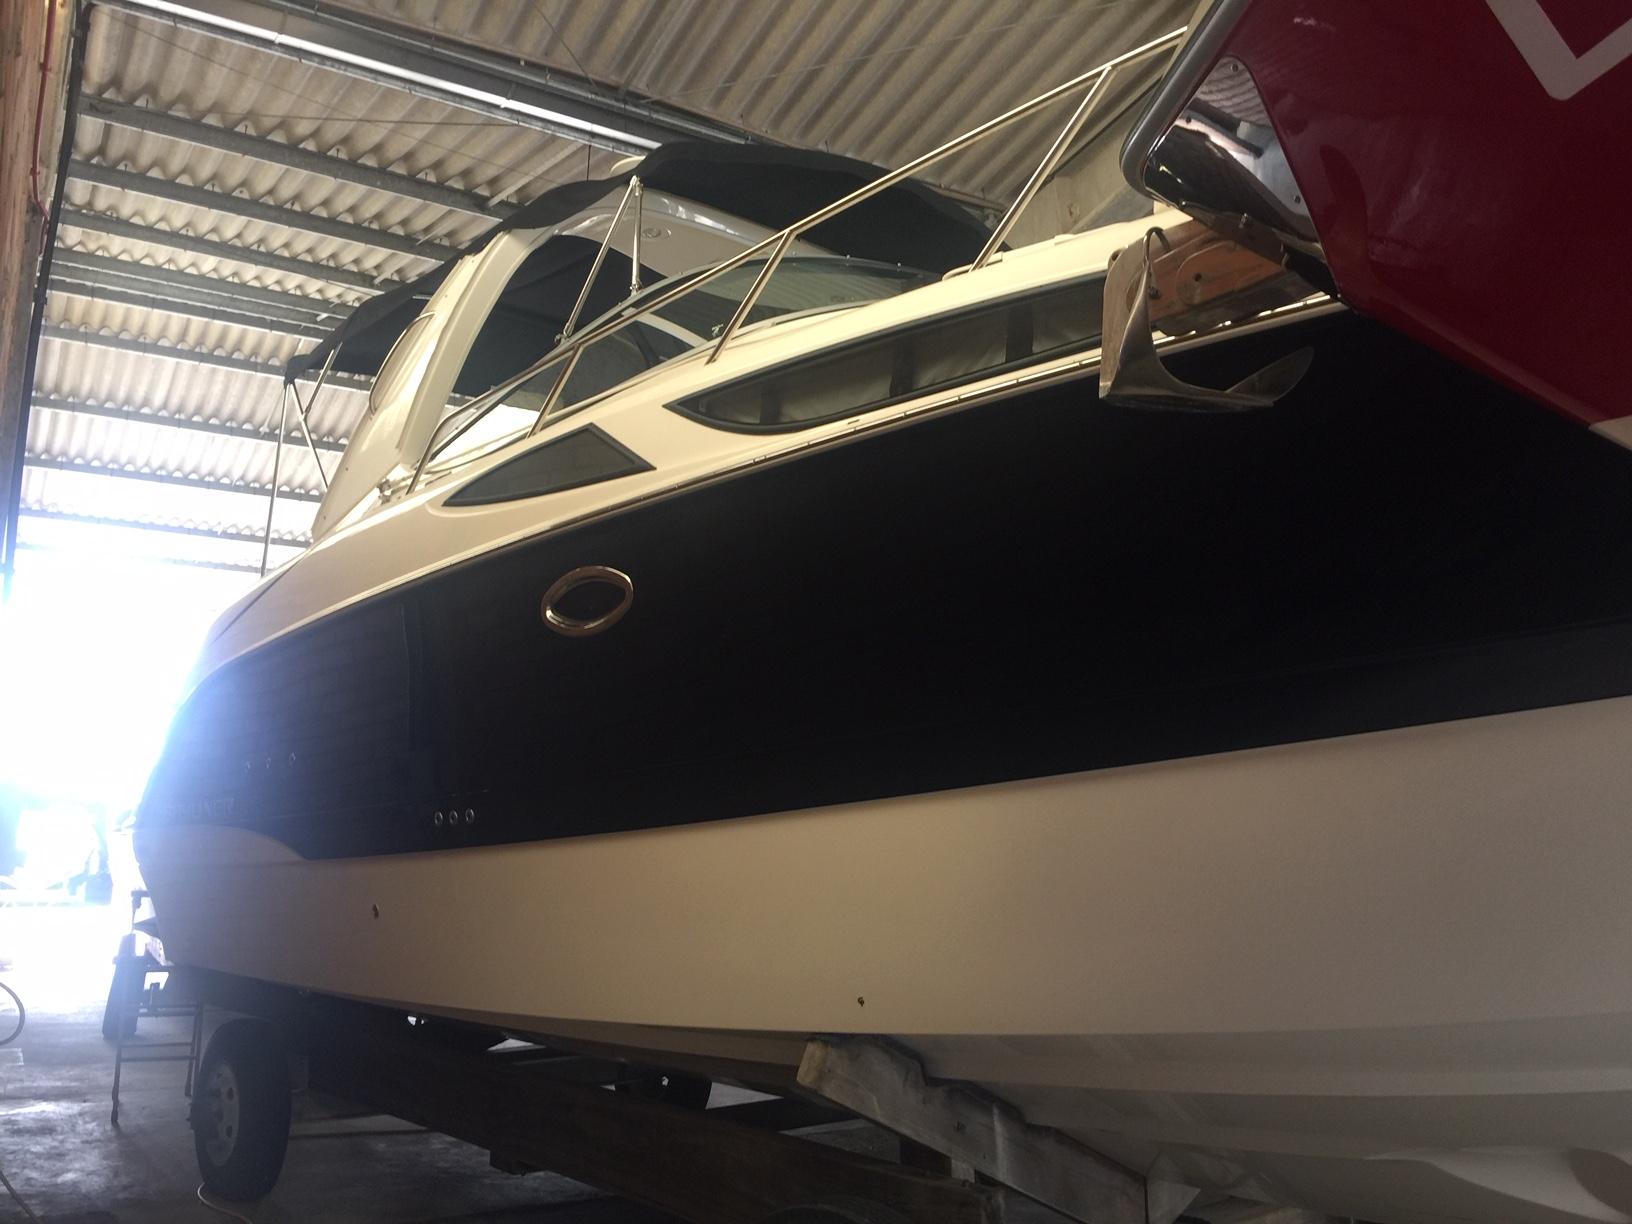 10250 - BAYLINER 350 2012 2 X QSD 270 (3